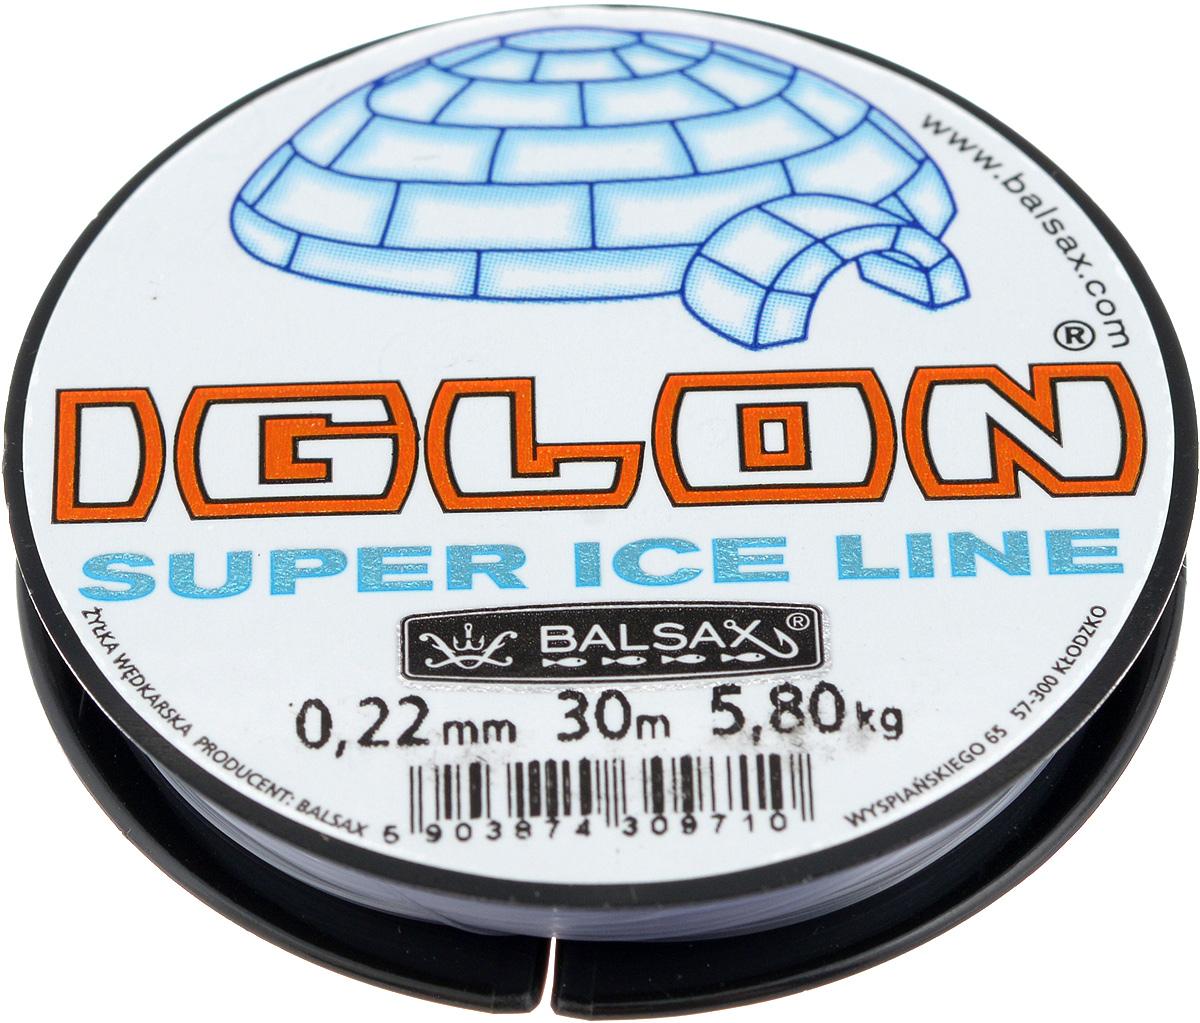 Леска зимняя Balsax Iglon, 30 м, 0,22 мм, 5,8 кг312-06022Леска Balsax Iglon изготовлена из 100% нейлона и очень хорошо выдерживаетнизкие температуры. Даже в самом холодном климате, при температуре вплотьдо -40°C, она сохраняет свои свойствапрактически без изменений, в то время как традиционные лески становятся менееэластичными и теряют прочность. Поверхность лески обработана таким образом, что она не обмерзает и отличноподходит для подледного лова. Прочна вместах вязки узлов даже при минимальном диаметре.